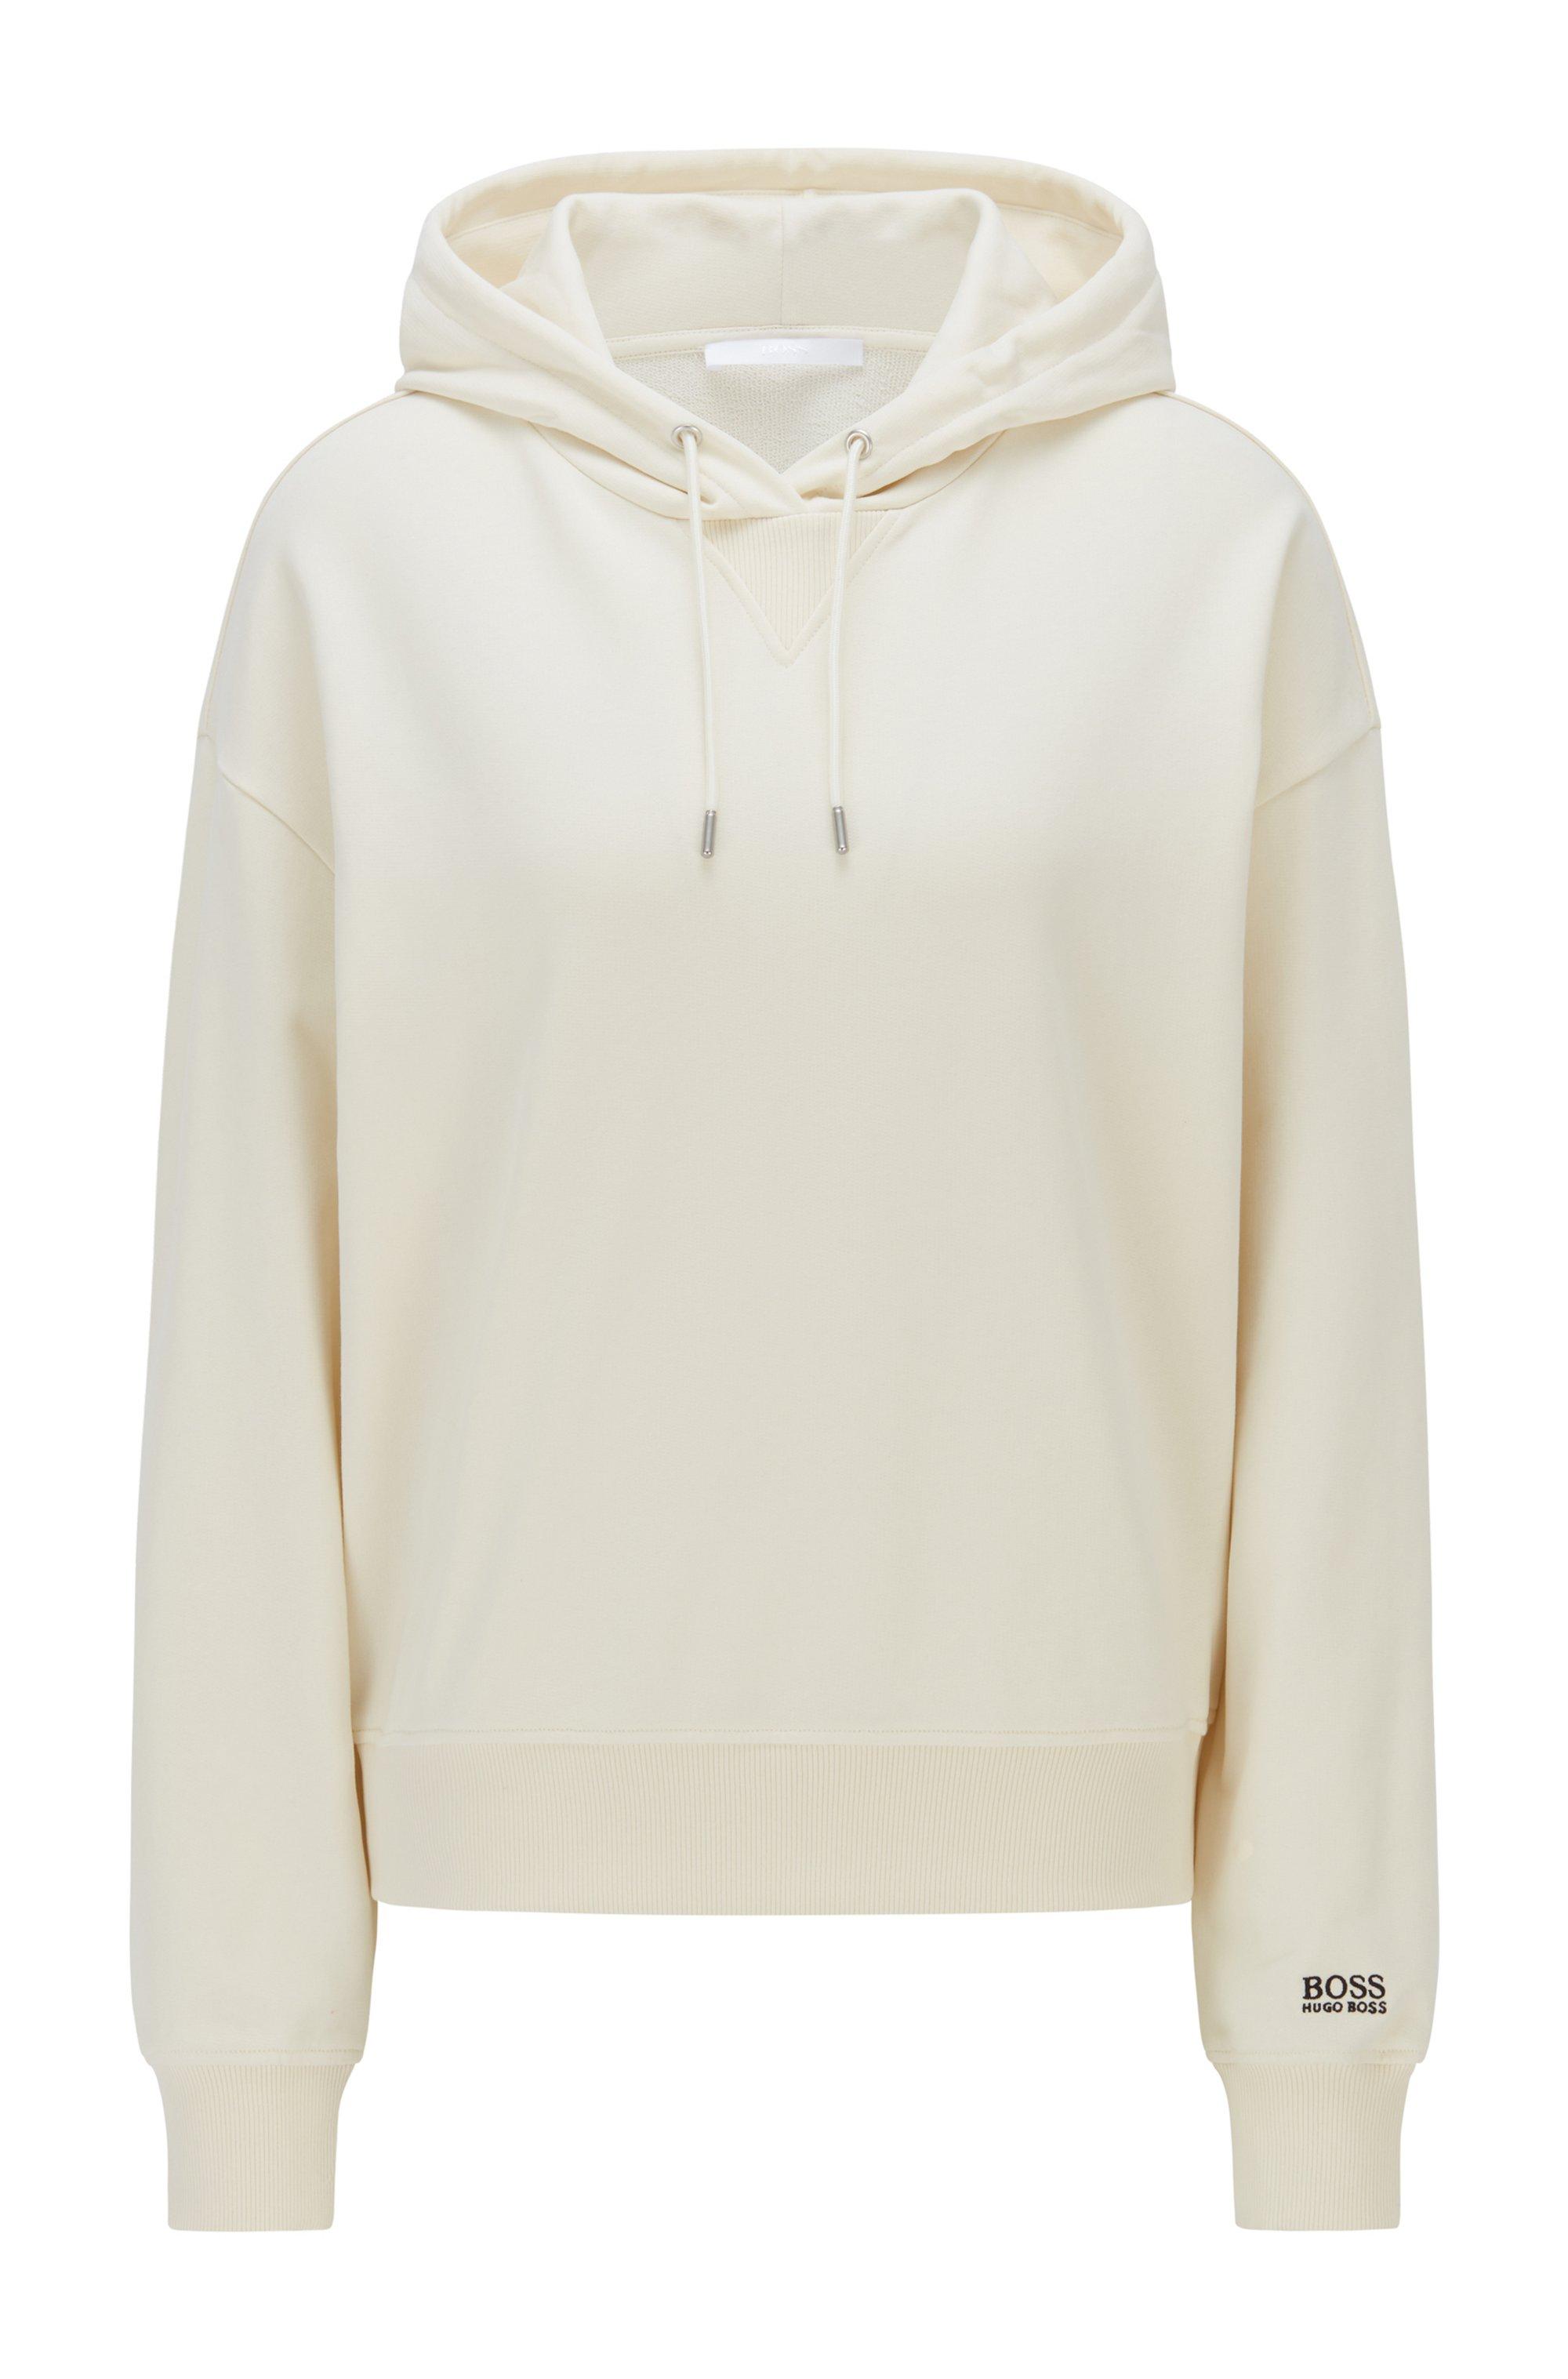 Kapuzen-Sweatshirt aus French-Terry-Baumwolle mit Logo am Ärmel, Weiß